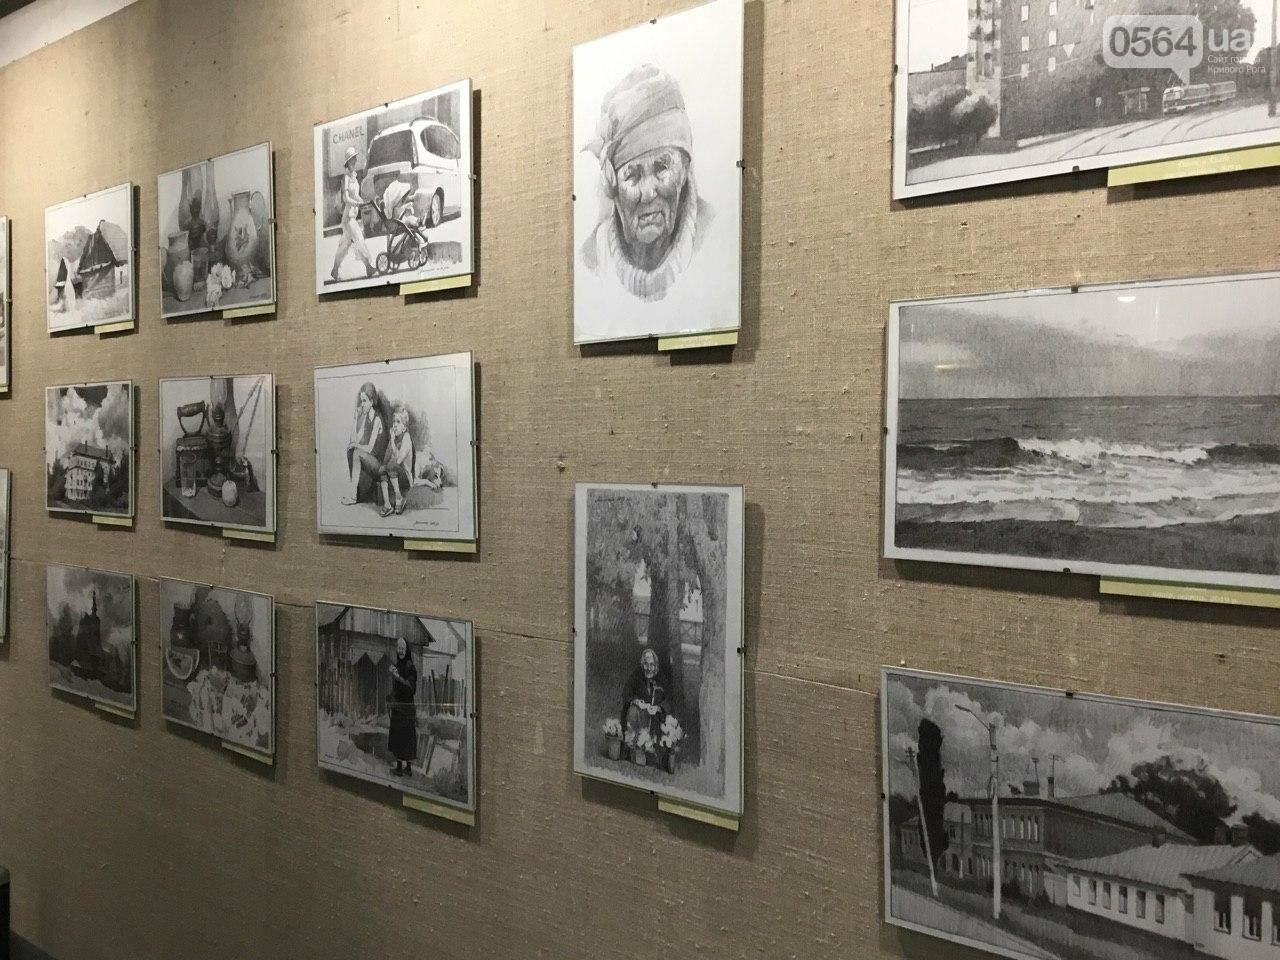 """В криворожском музее открылась художественная выставка """"Траектория творчества"""", - ФОТО, ВИДЕО, фото-2"""